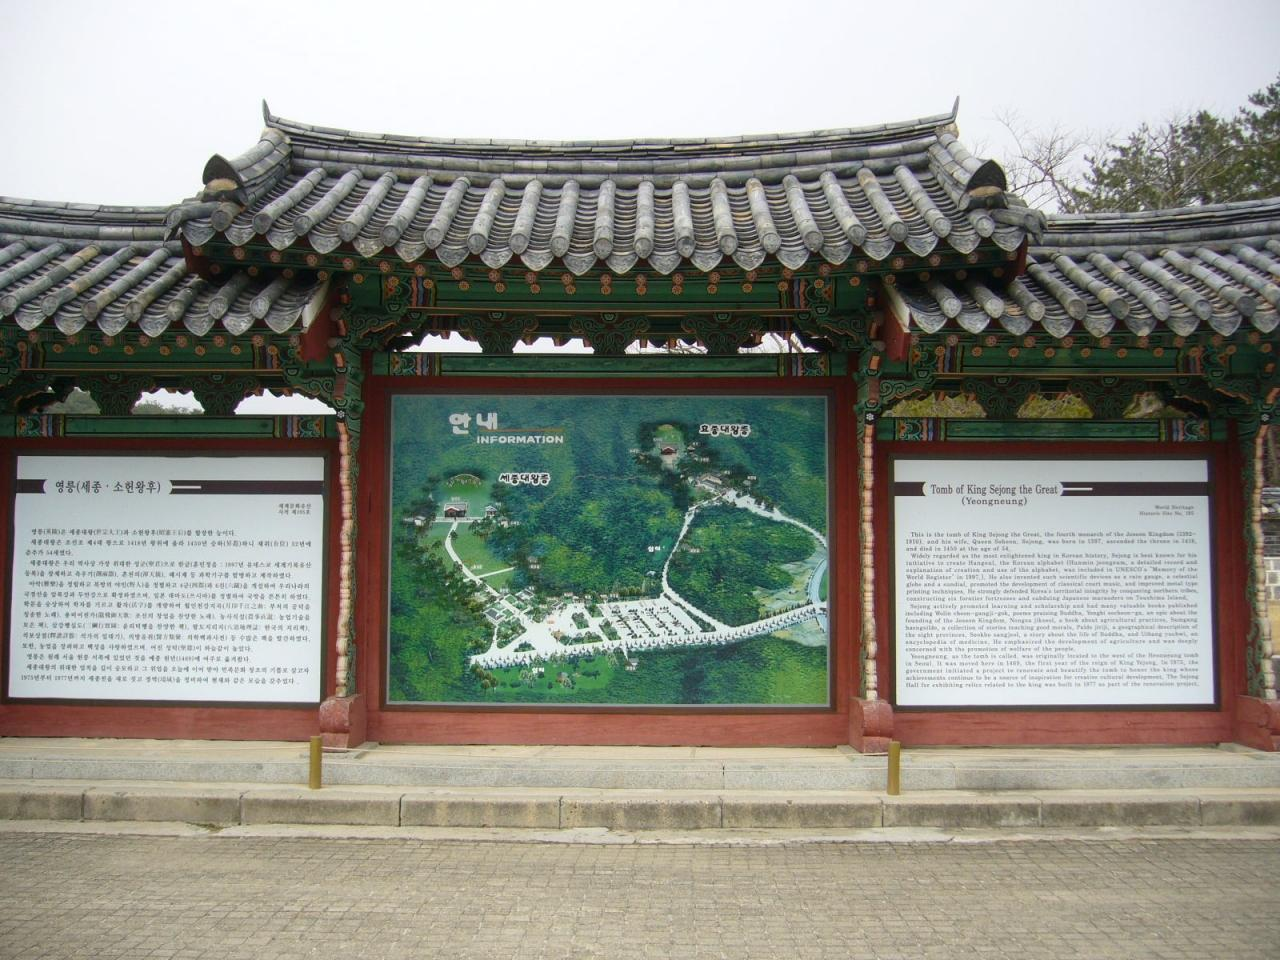 朝鮮王陵の画像 p1_19